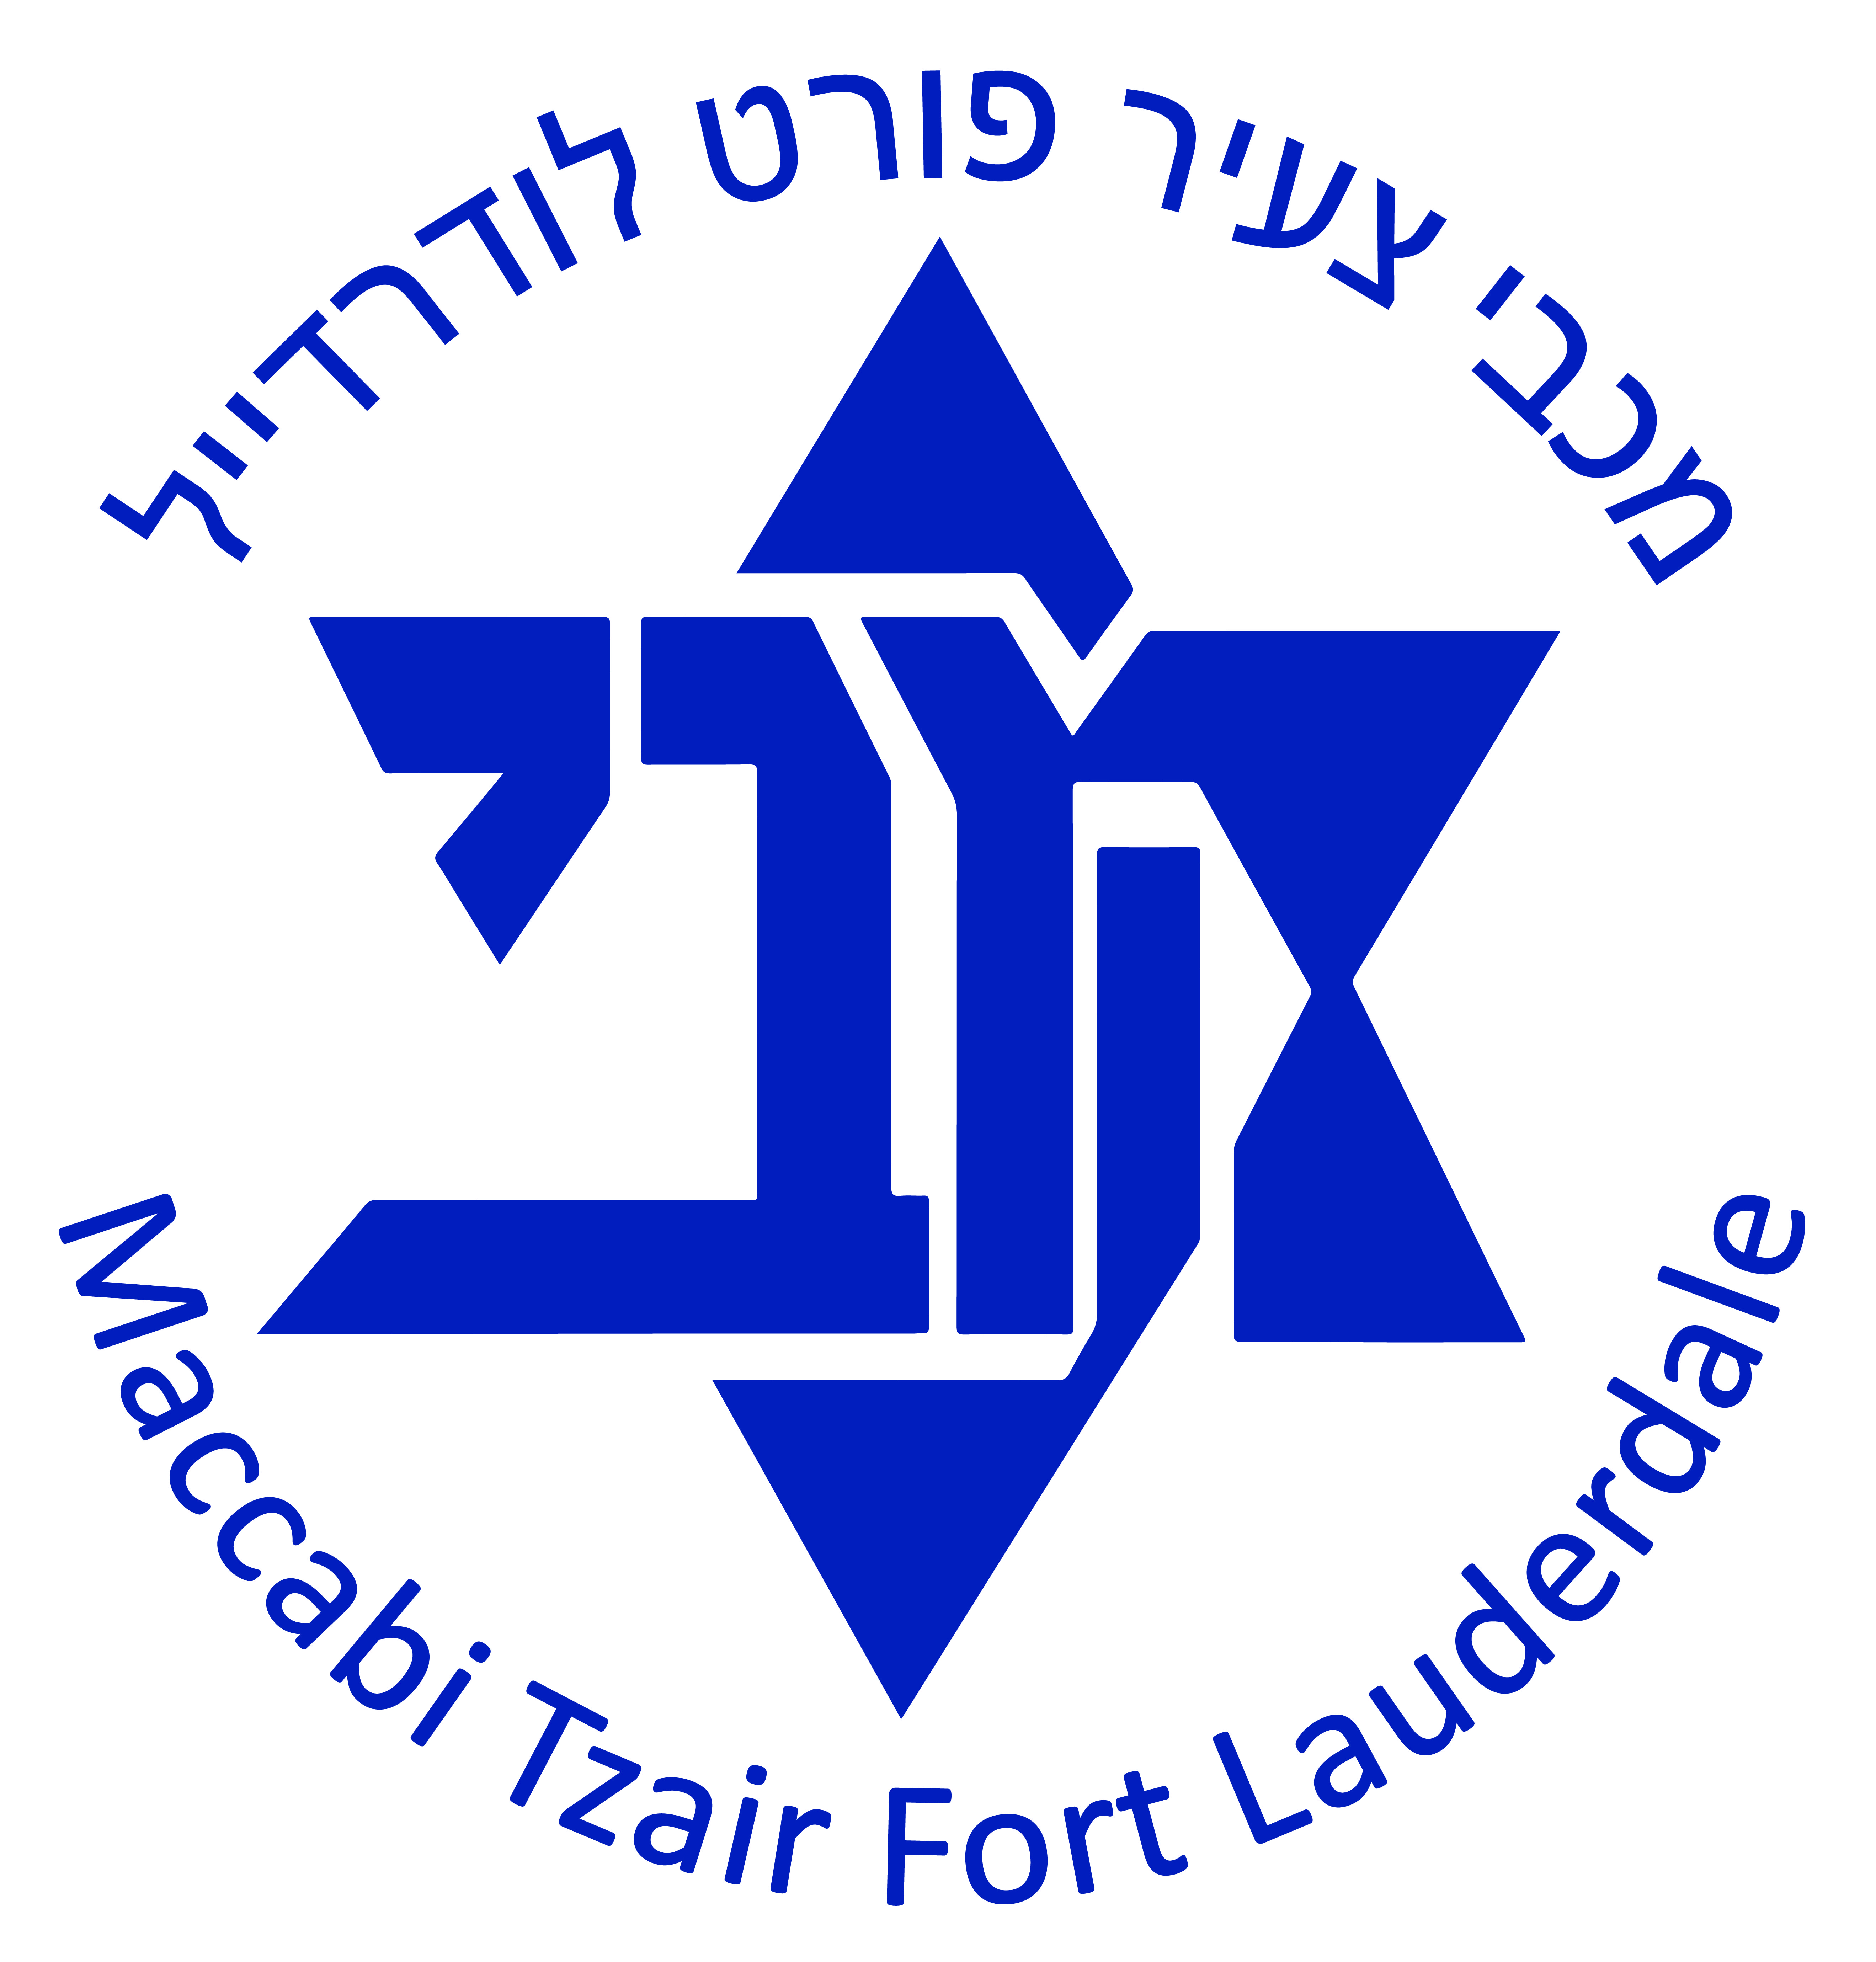 Maccabi_Tzair_logo_fort_lauderdale 2017